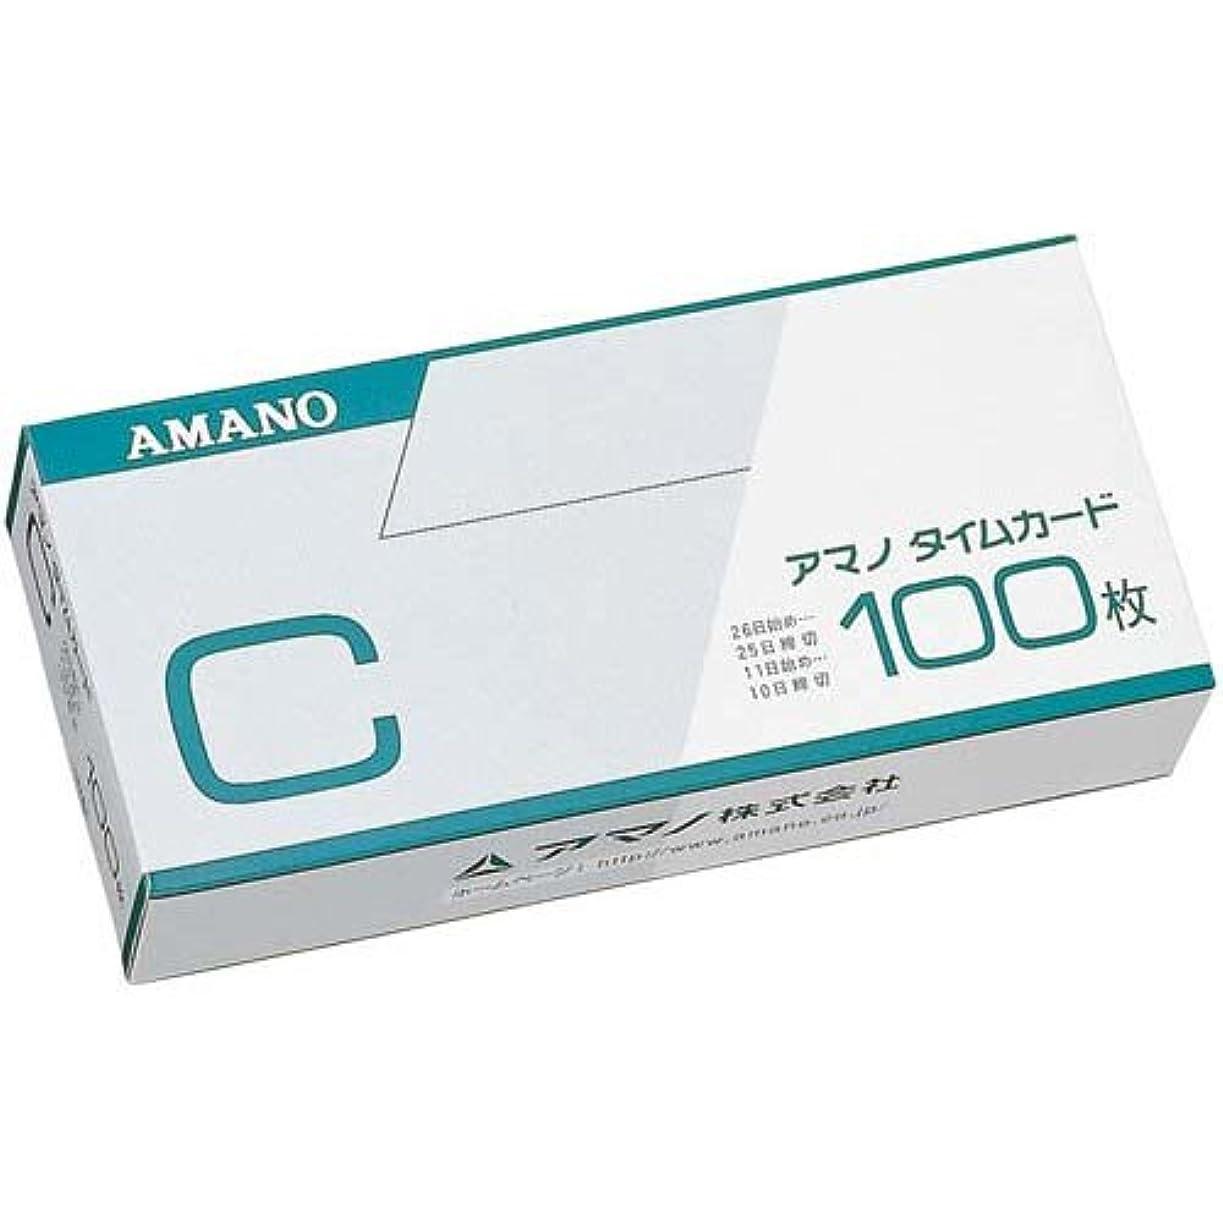 剣構成員醜いアマノ 標準タイムカードC 100枚x3セット